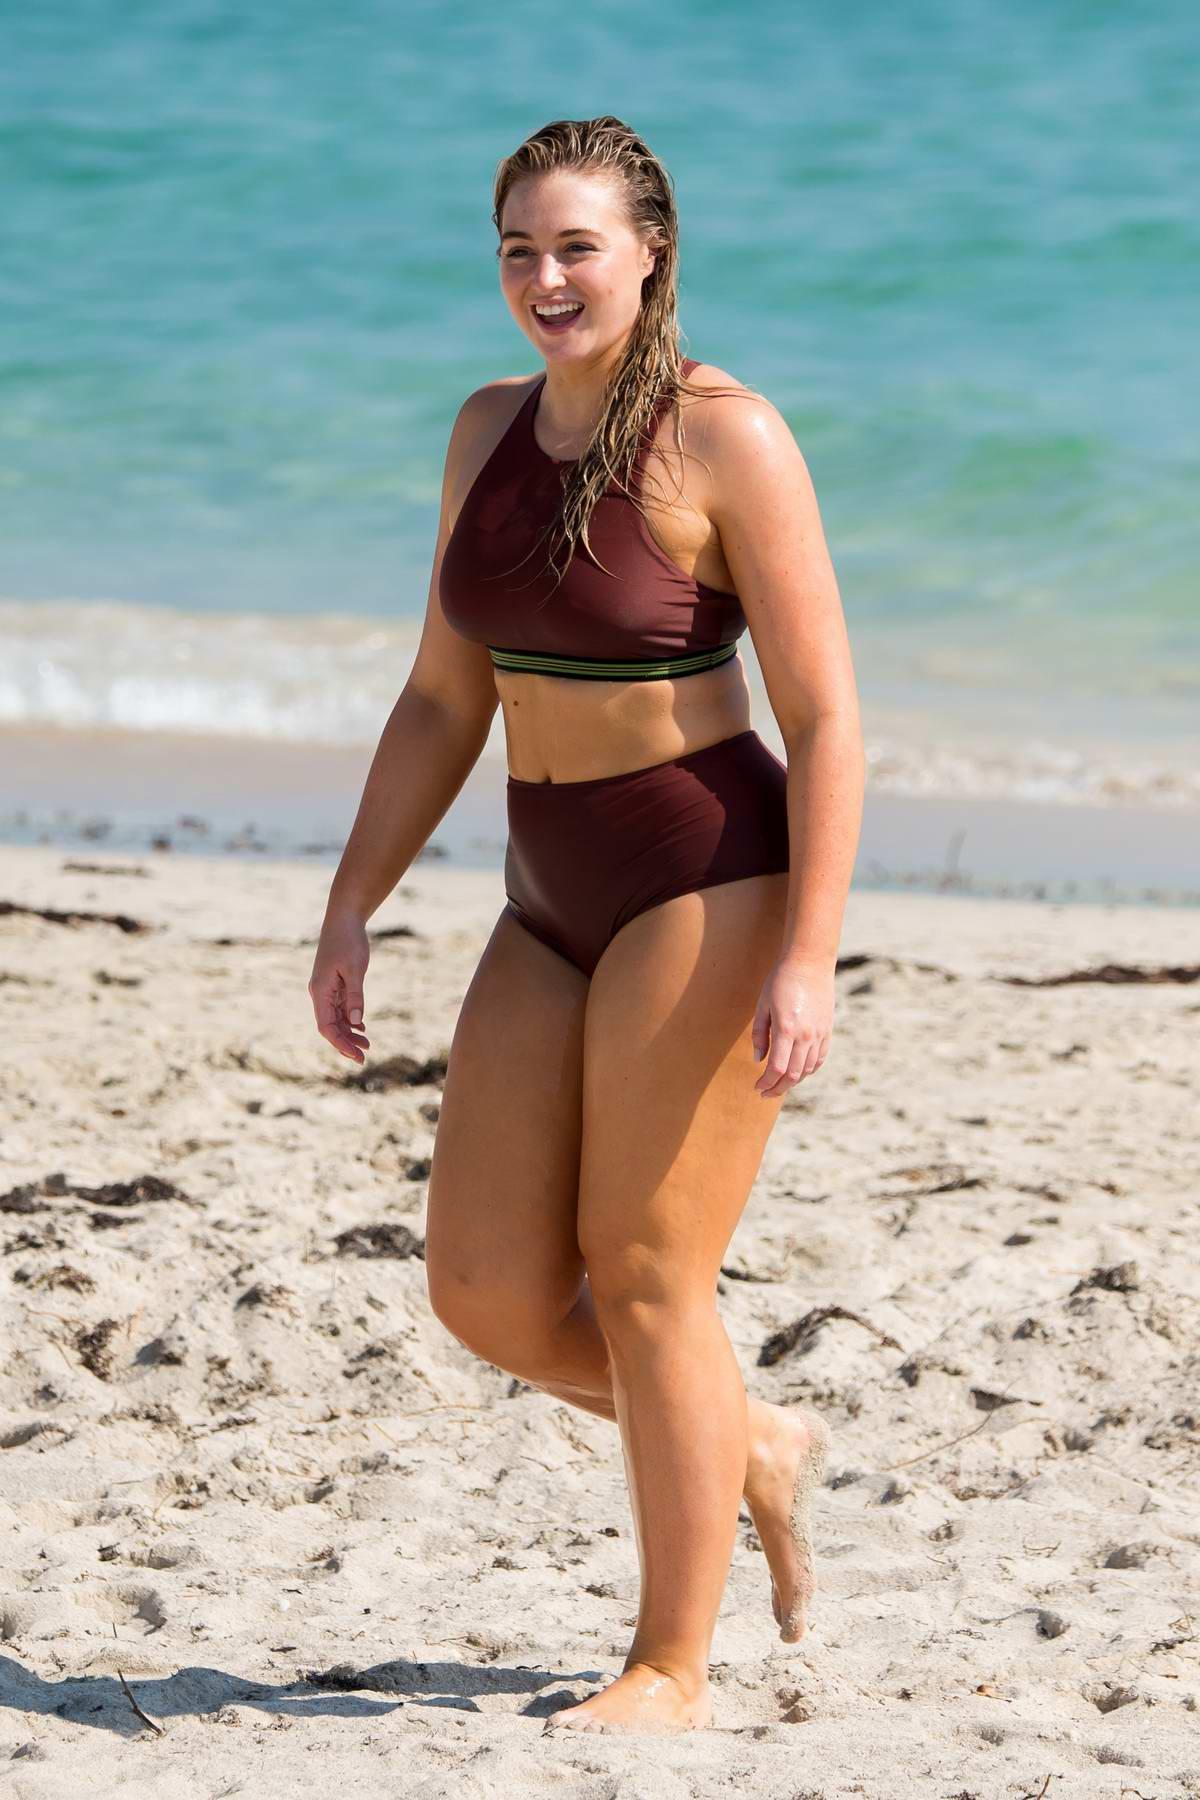 beach florida Chocolate bikinis south